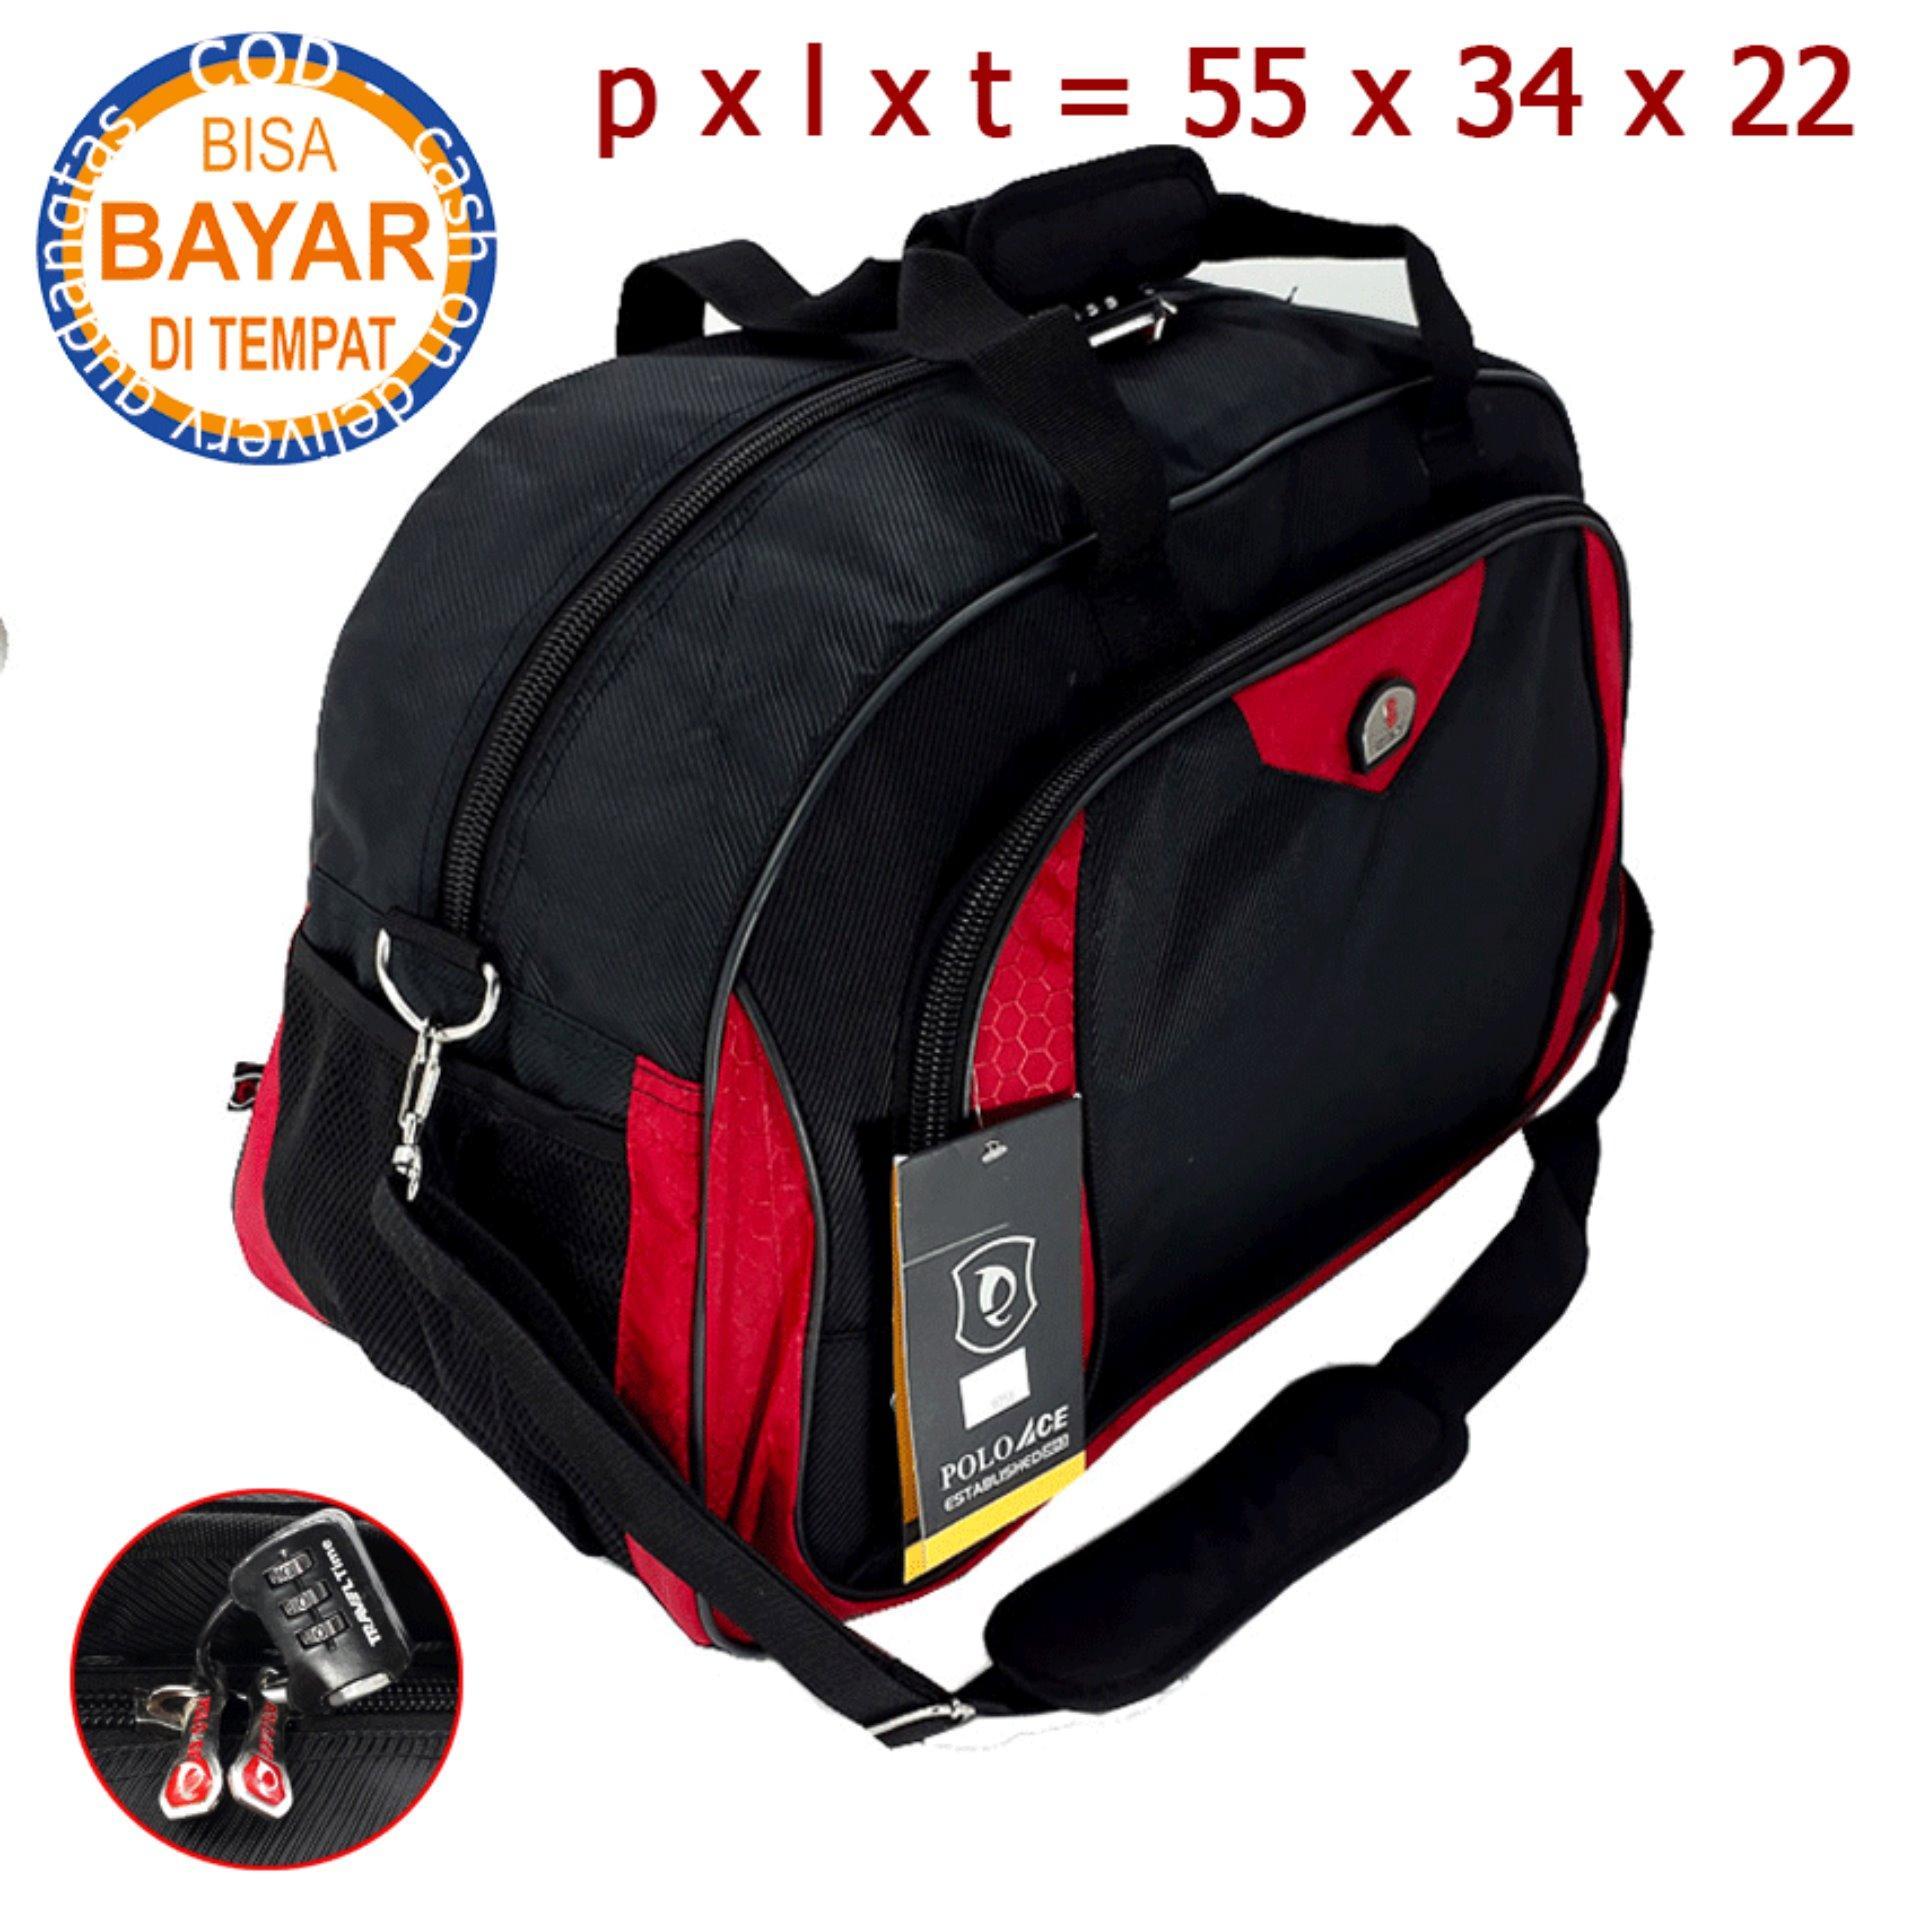 Polo ACE Travel Bag Tas Pria Tas Wanita Tas Pakaian Double Fungsi Tas  jinjing Tas SelempangGDT9058 09703a679e